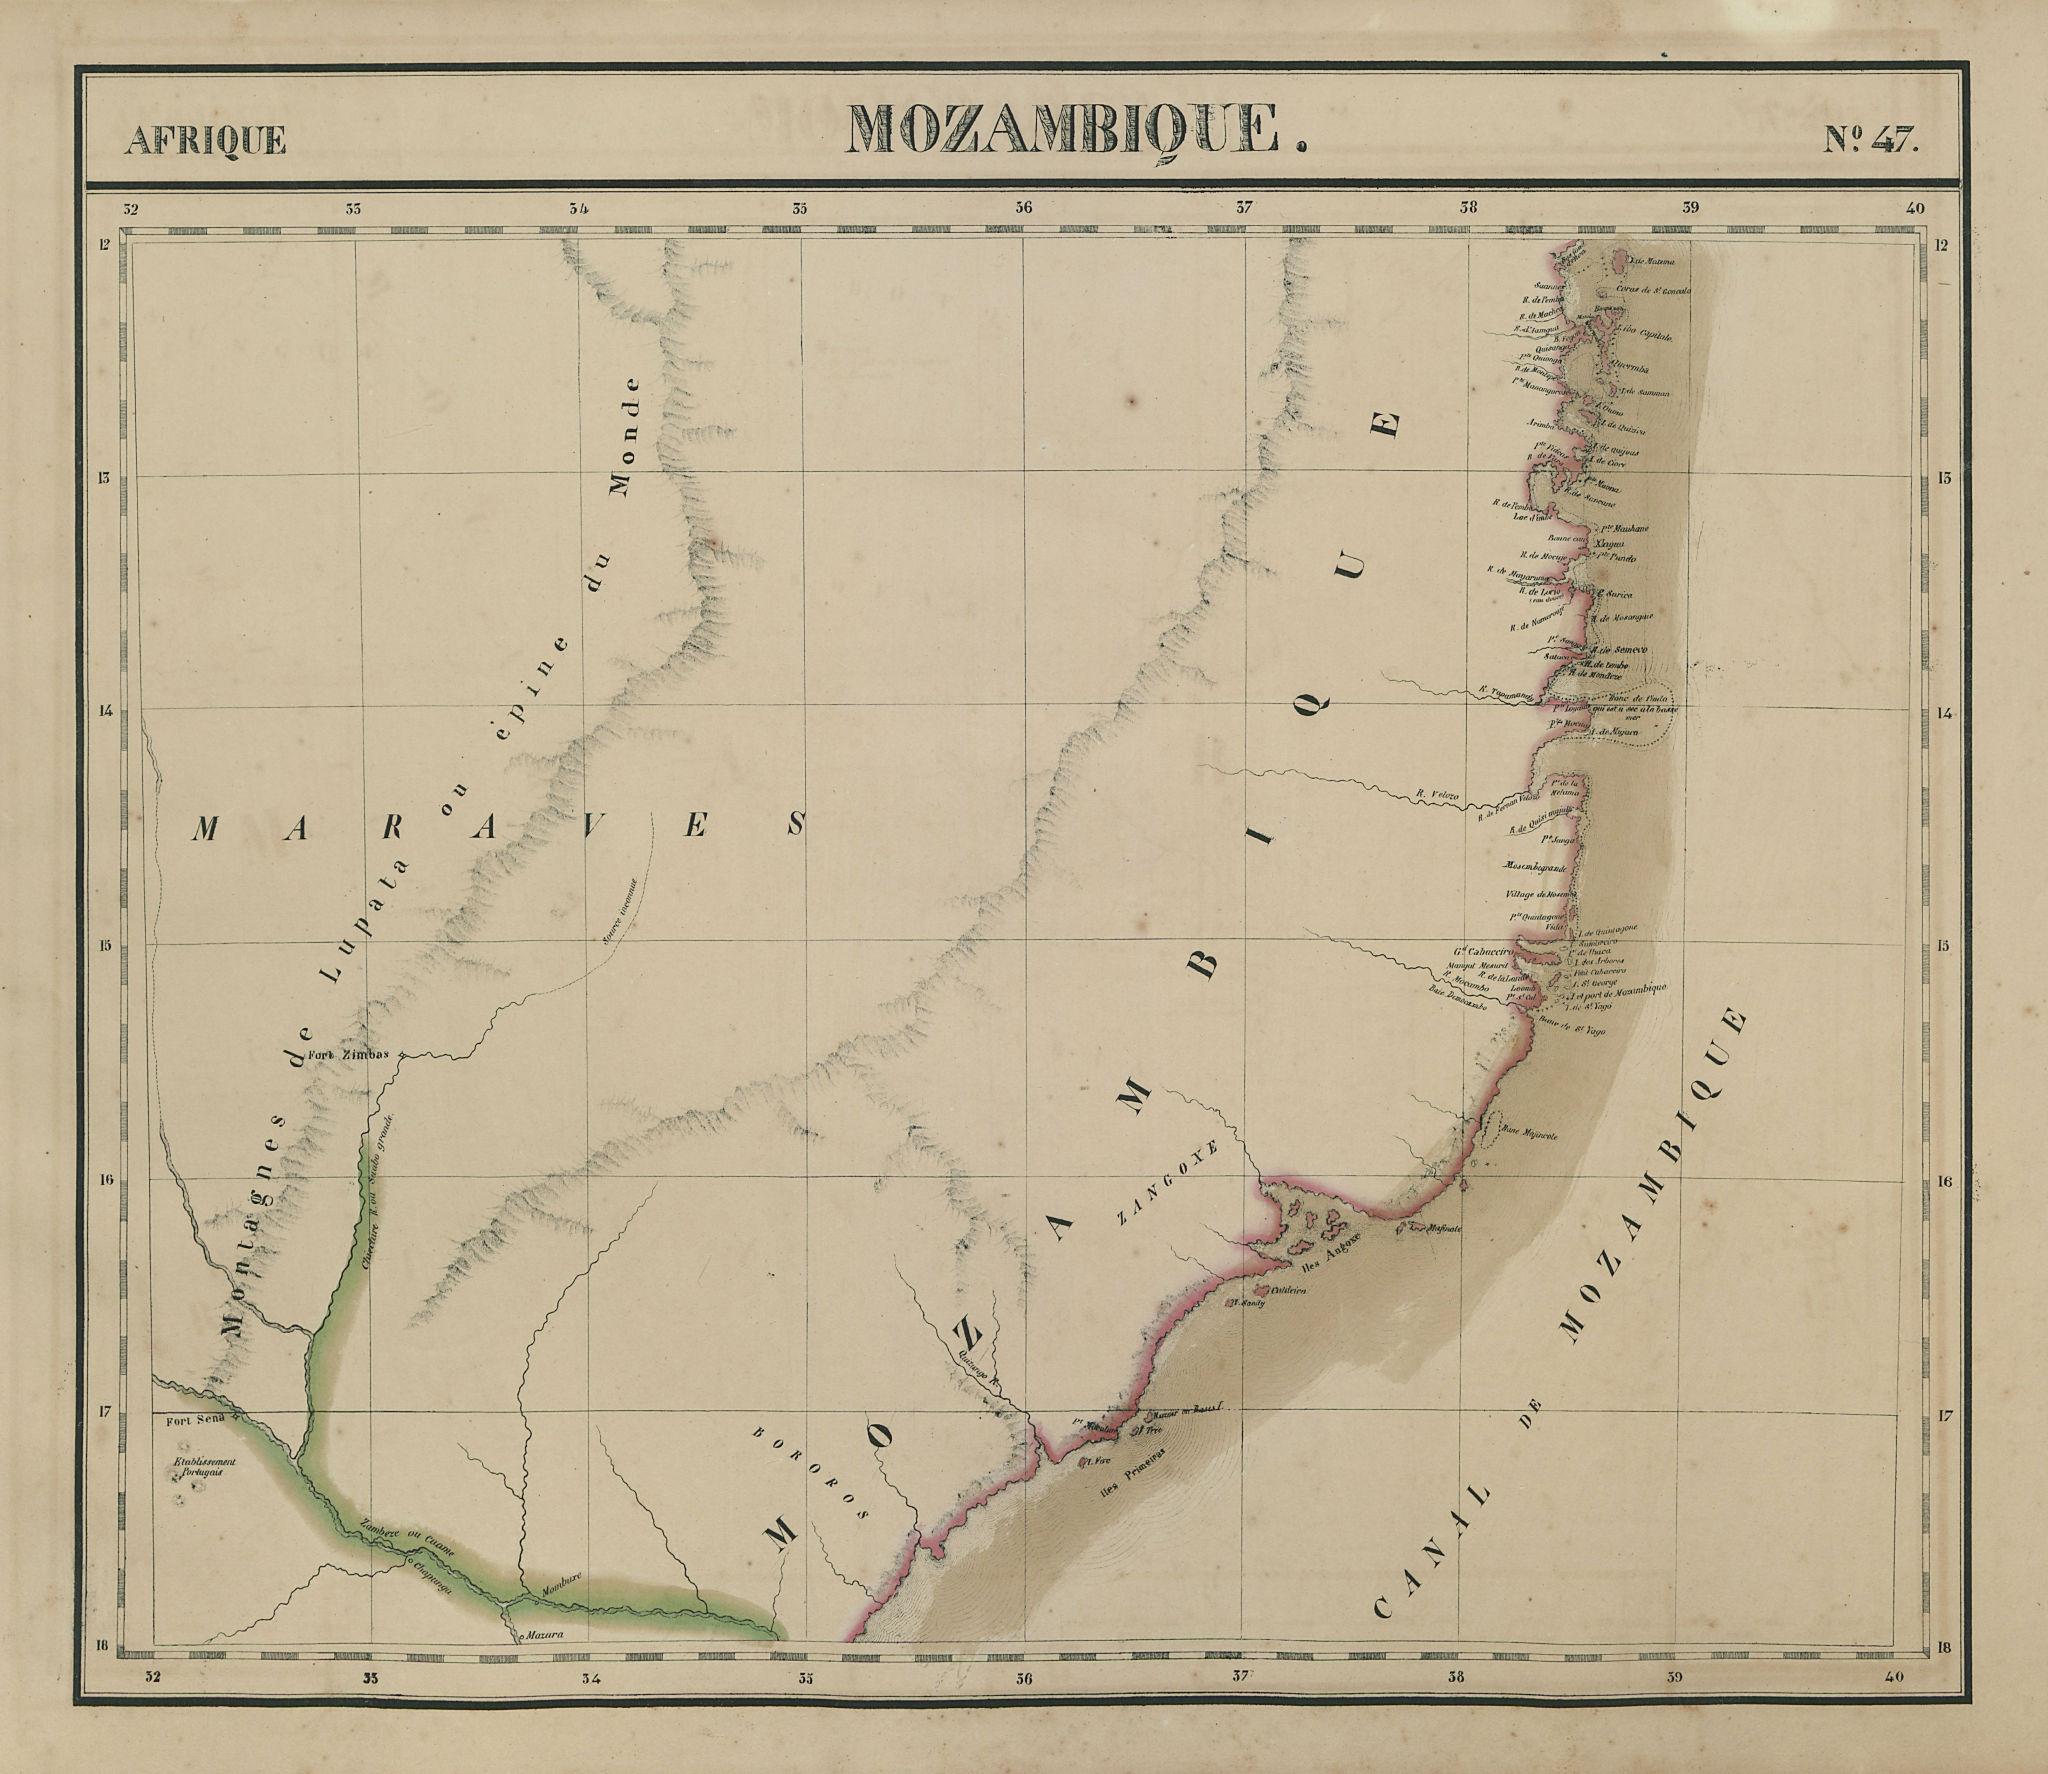 Afrique. Mozambique #47. Northern Mozambique. VANDERMAELEN 1827 old map